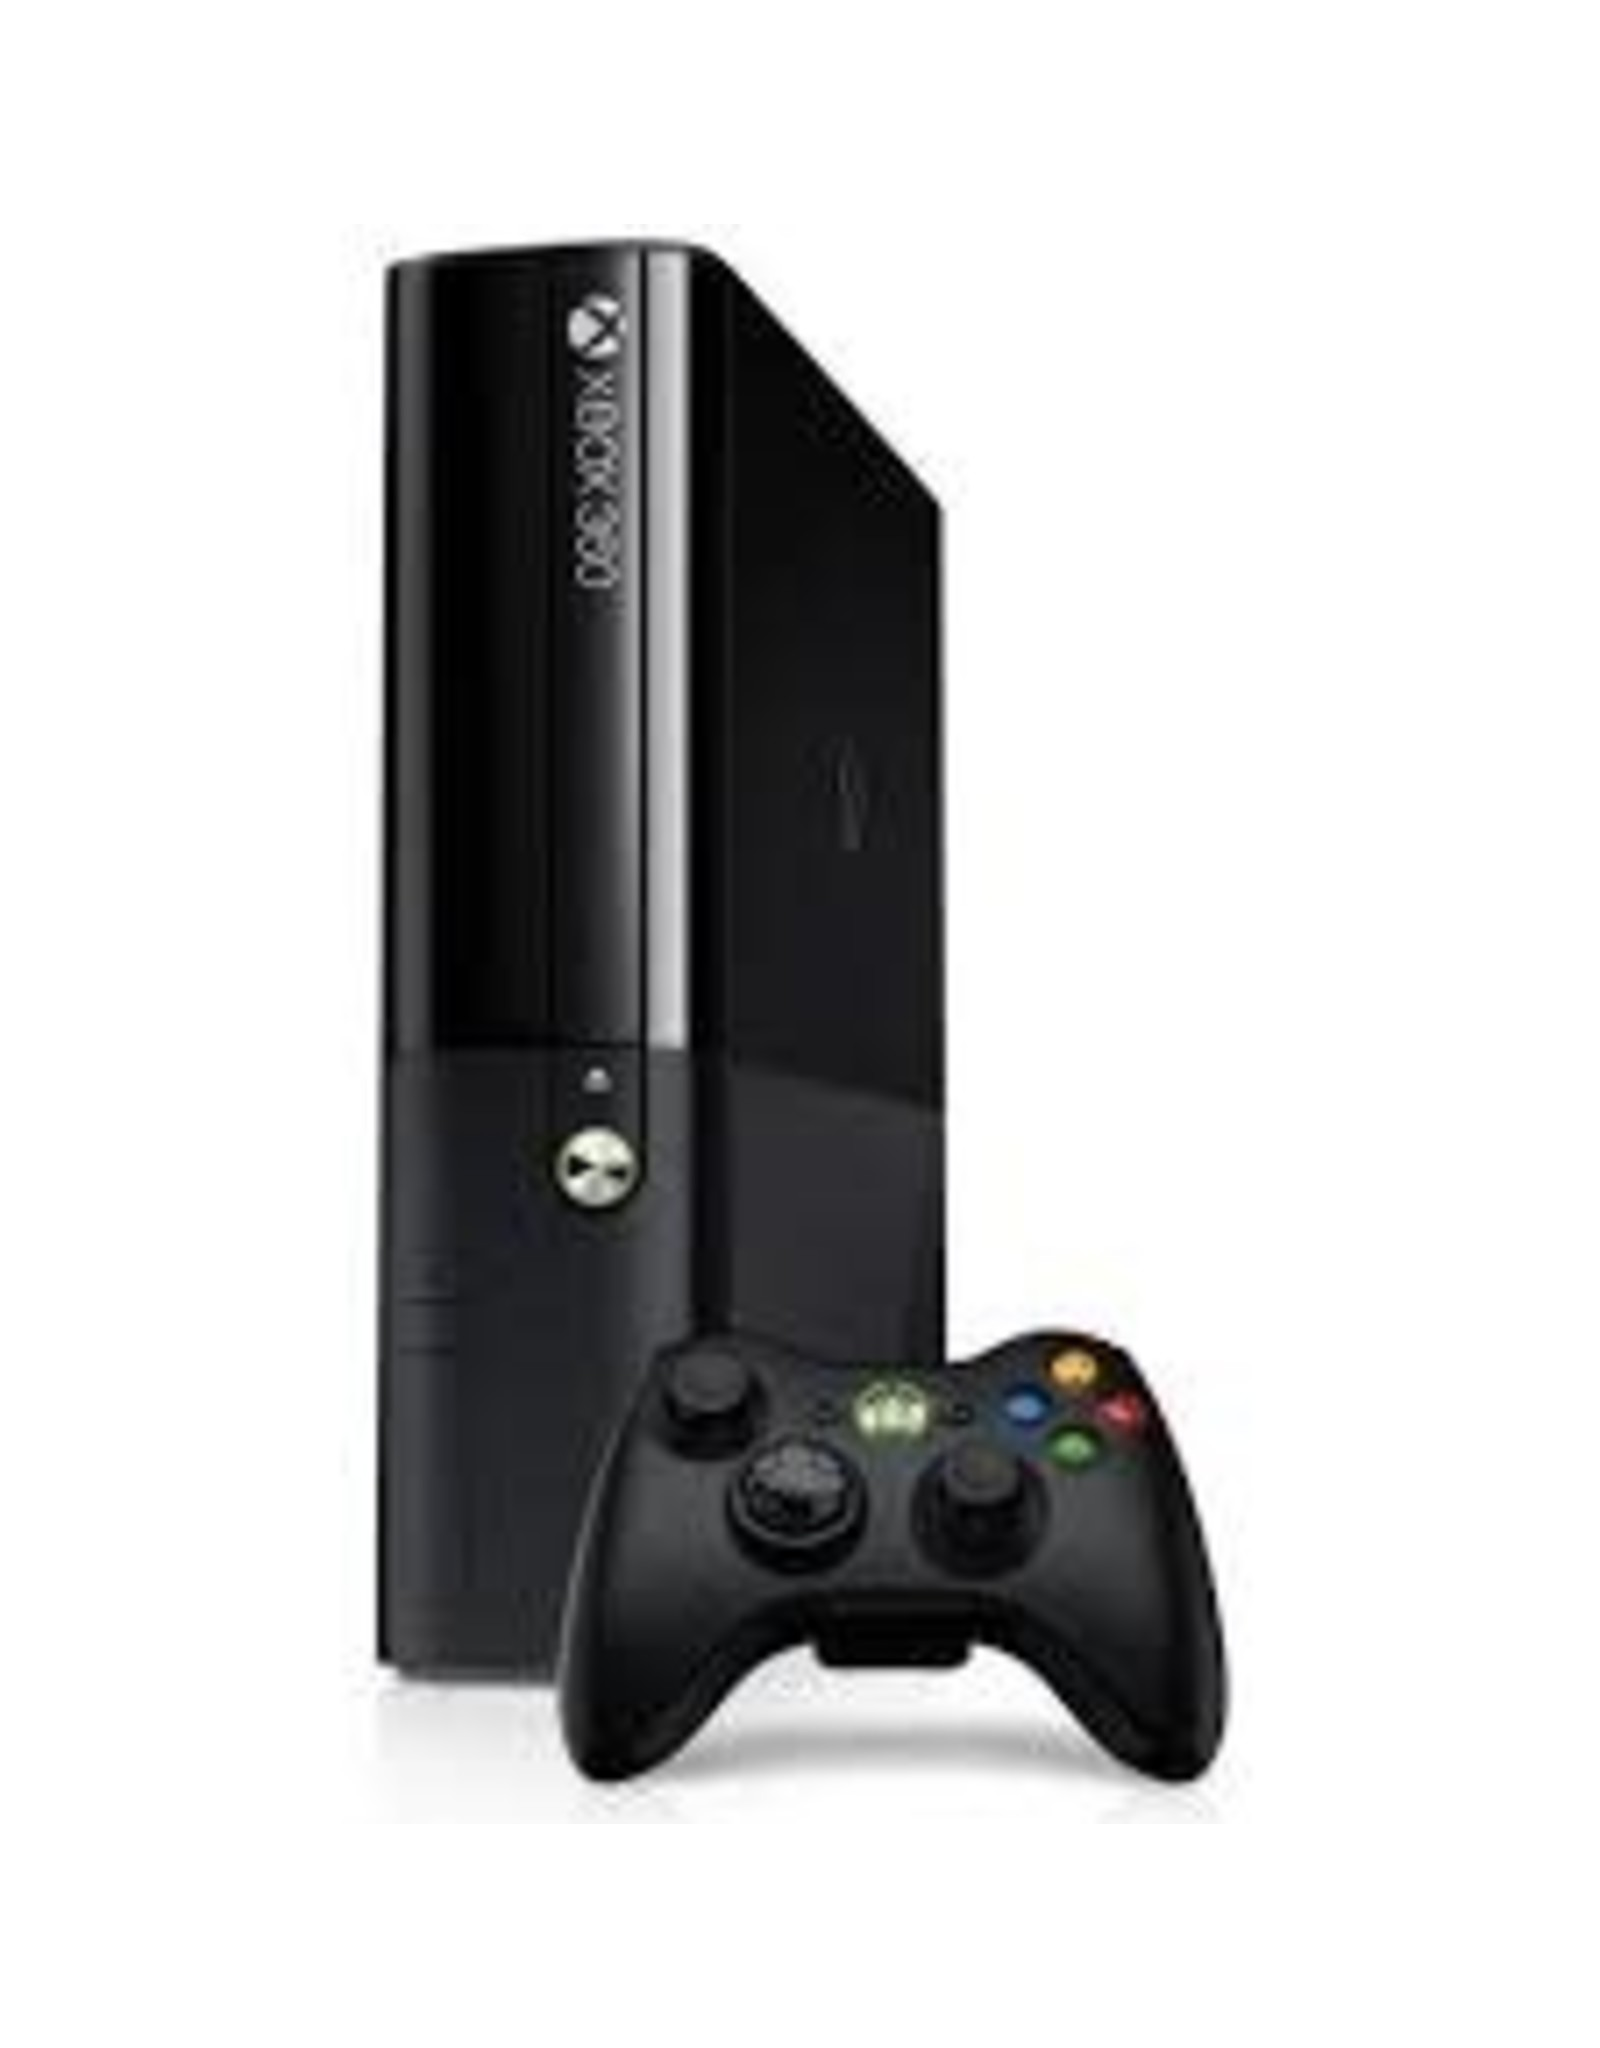 Xbox 360 360 Slim E Console 250GB (Used)